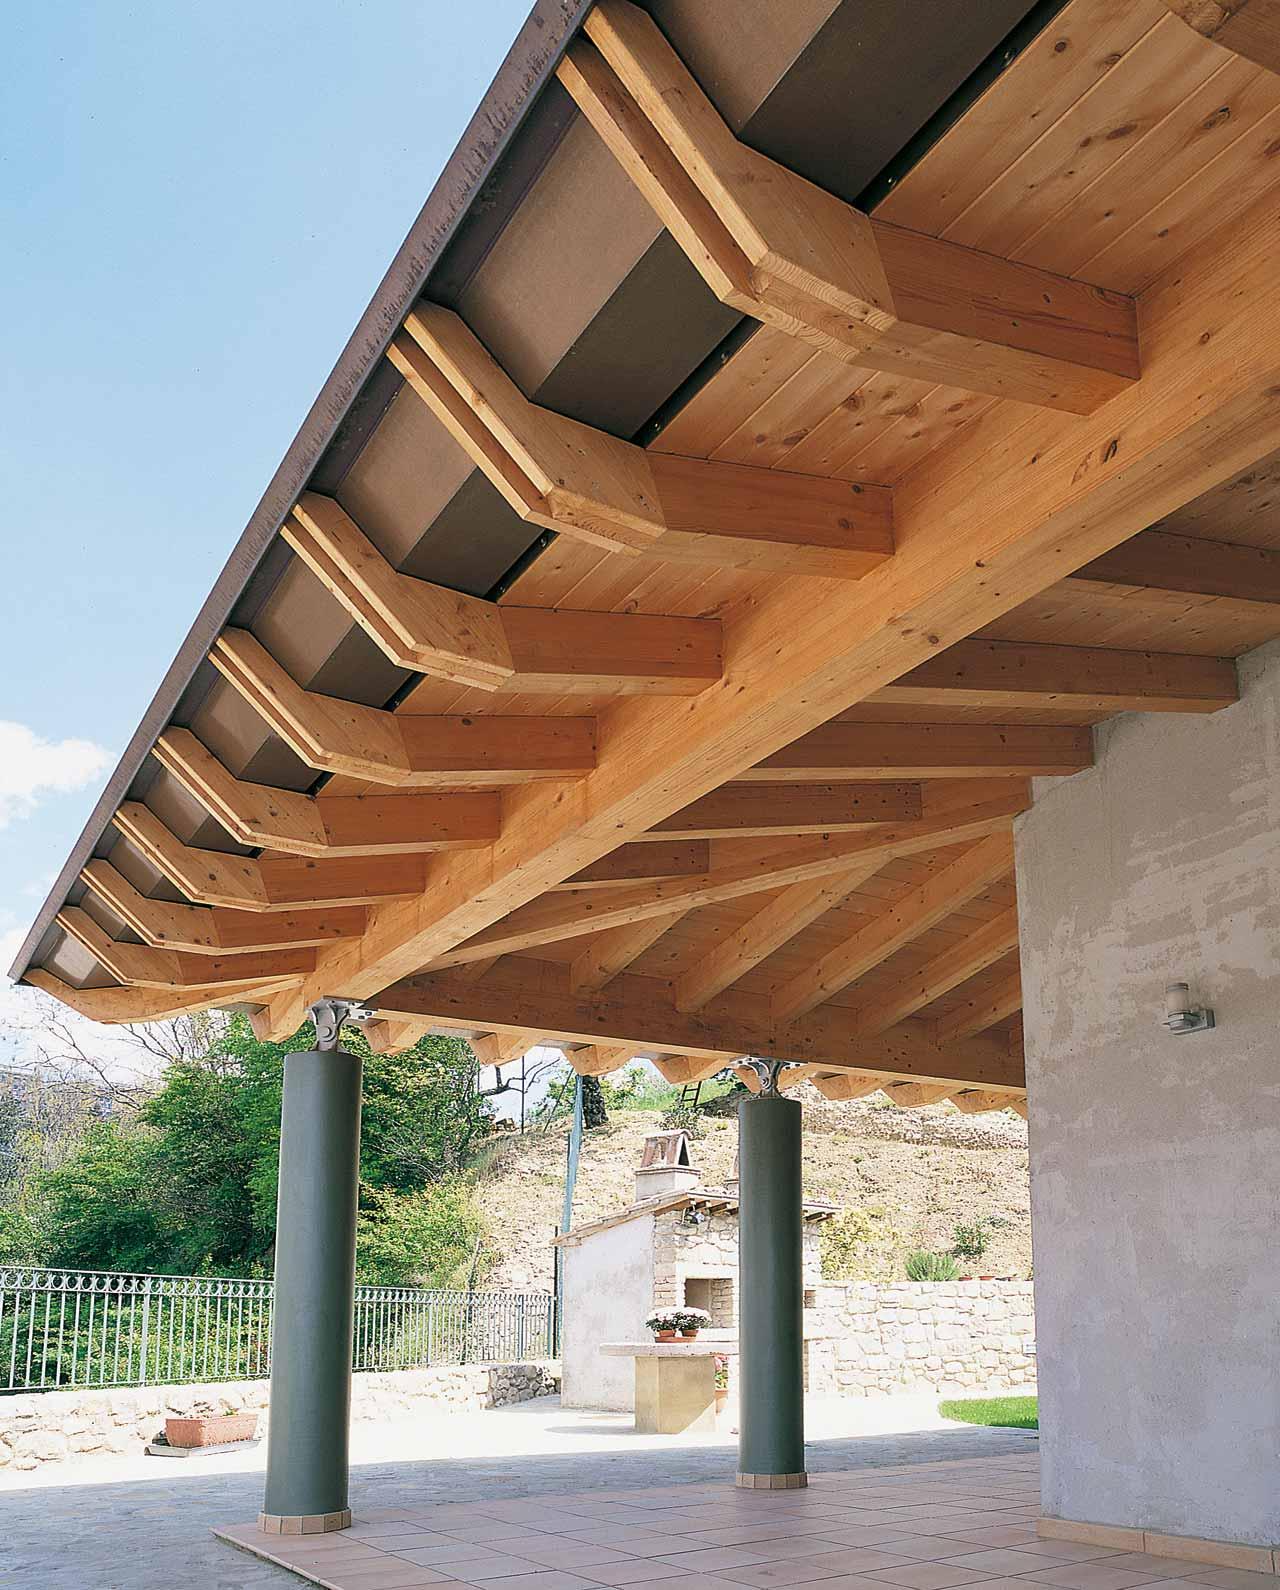 Tetto in legno casa umbria costantini sistema legno for Costantini case in legno